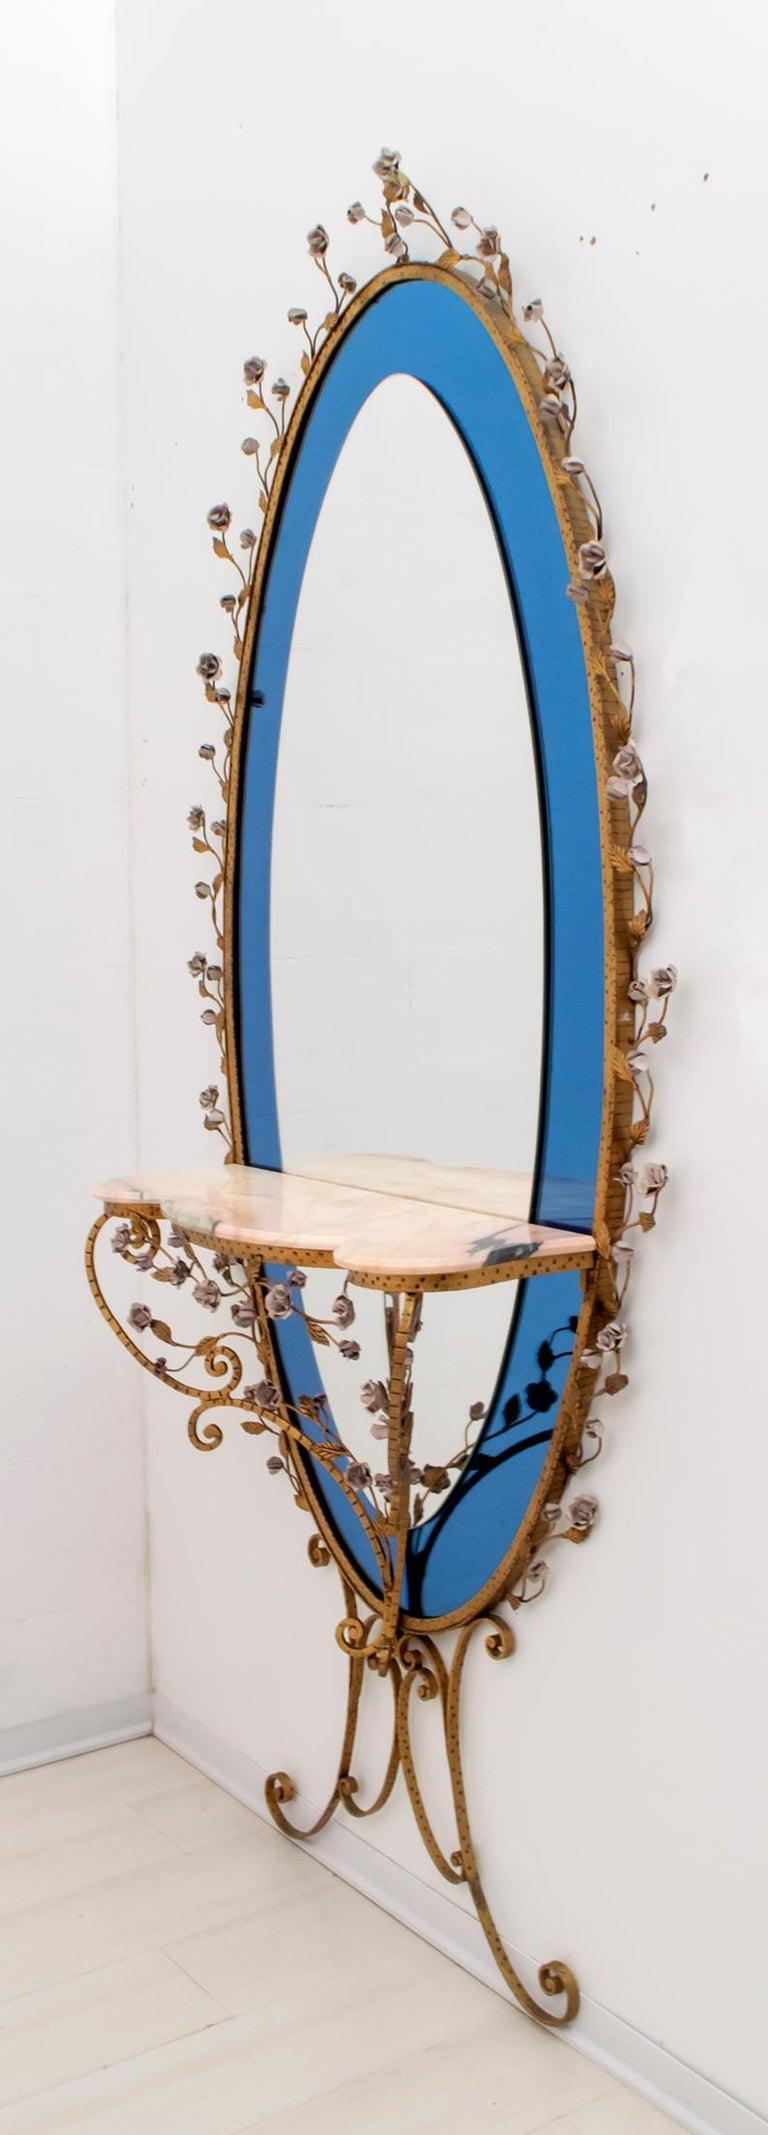 20th Century Pier Luigi Colli Mid-Century Modern Italian Wrought Iron Hallway Mirror, 1950s For Sale